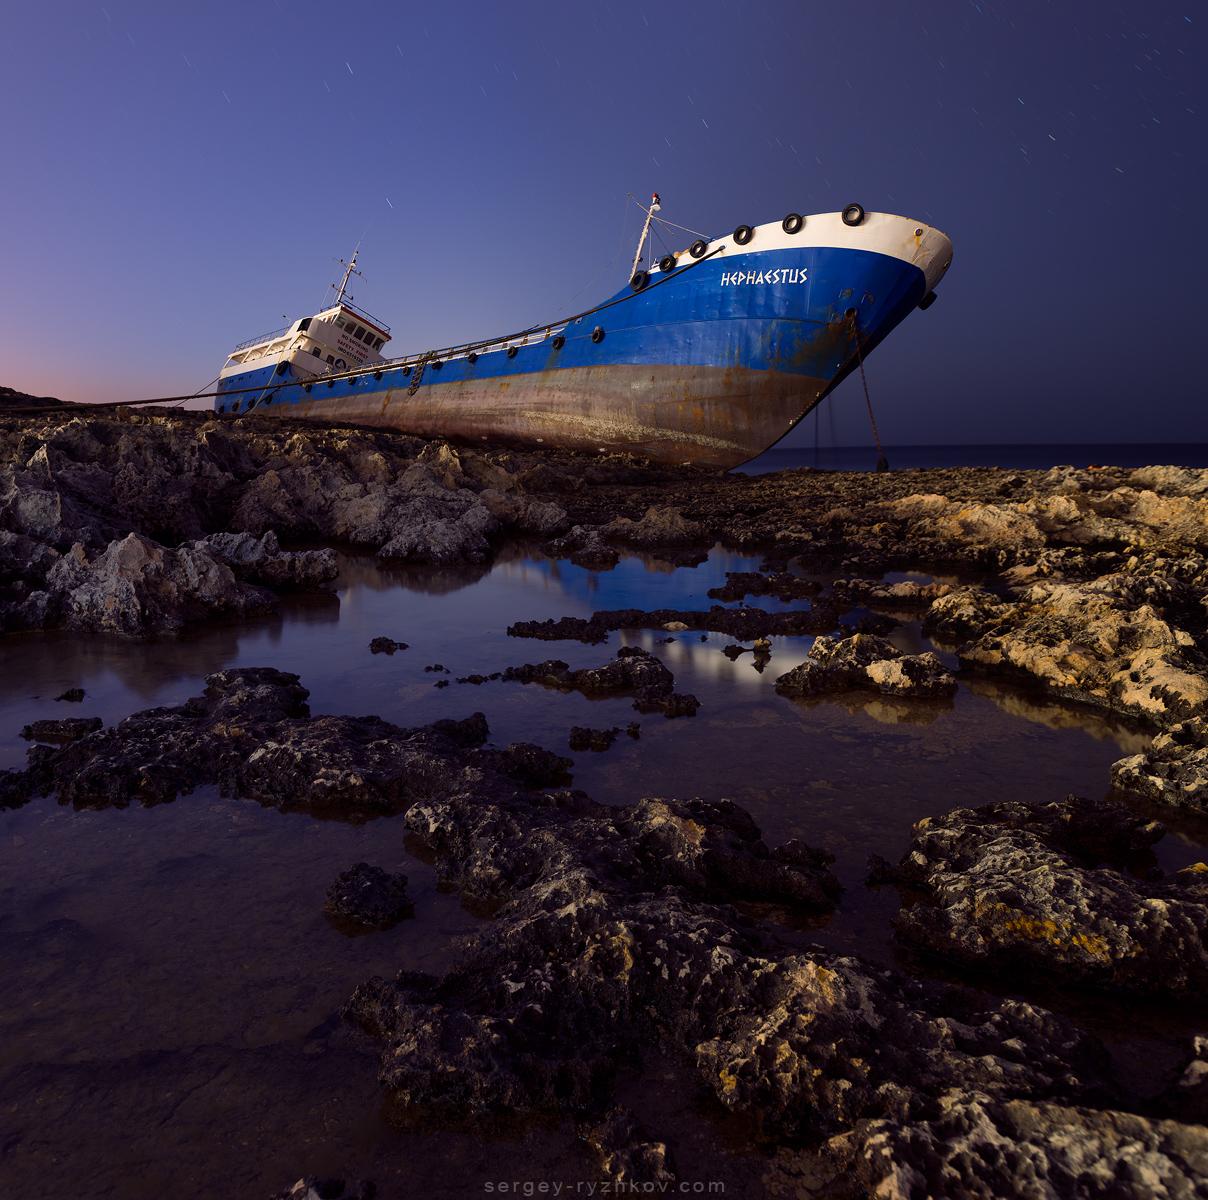 Hephaestus. Qawra, Malta by Sergey-Ryzhkov